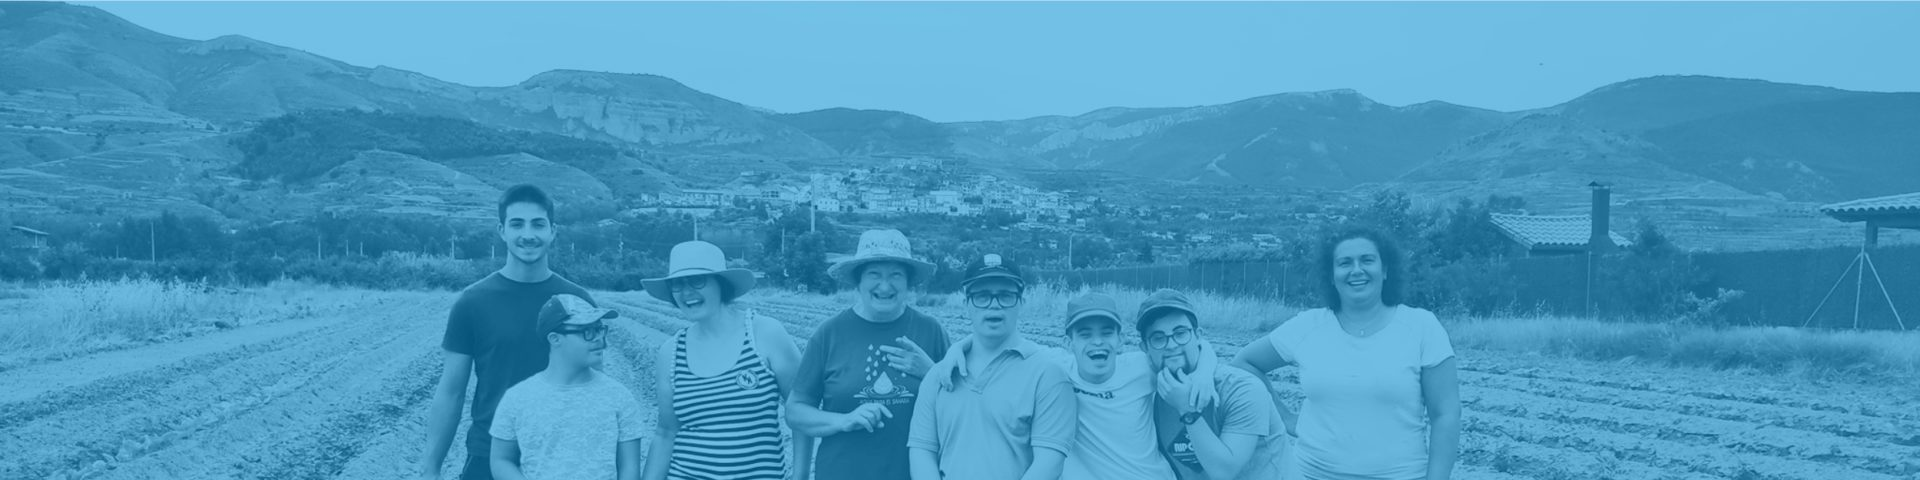 Grupo de personas sonrientes está en un campo labrado con sombreros de paja